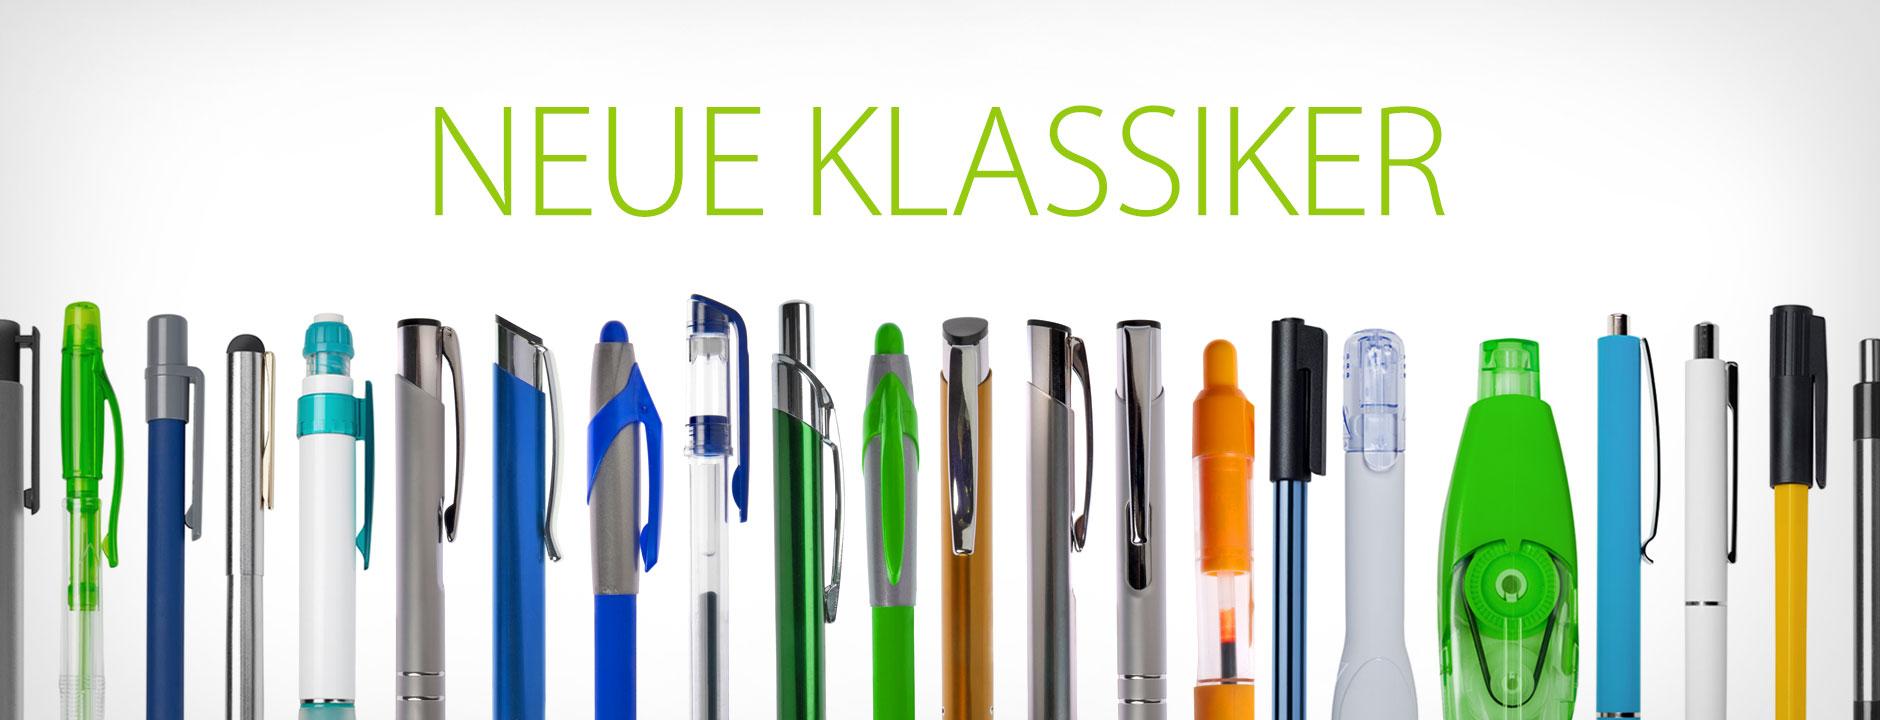 Ausgefallene Kugelschreiber - Werbeidee